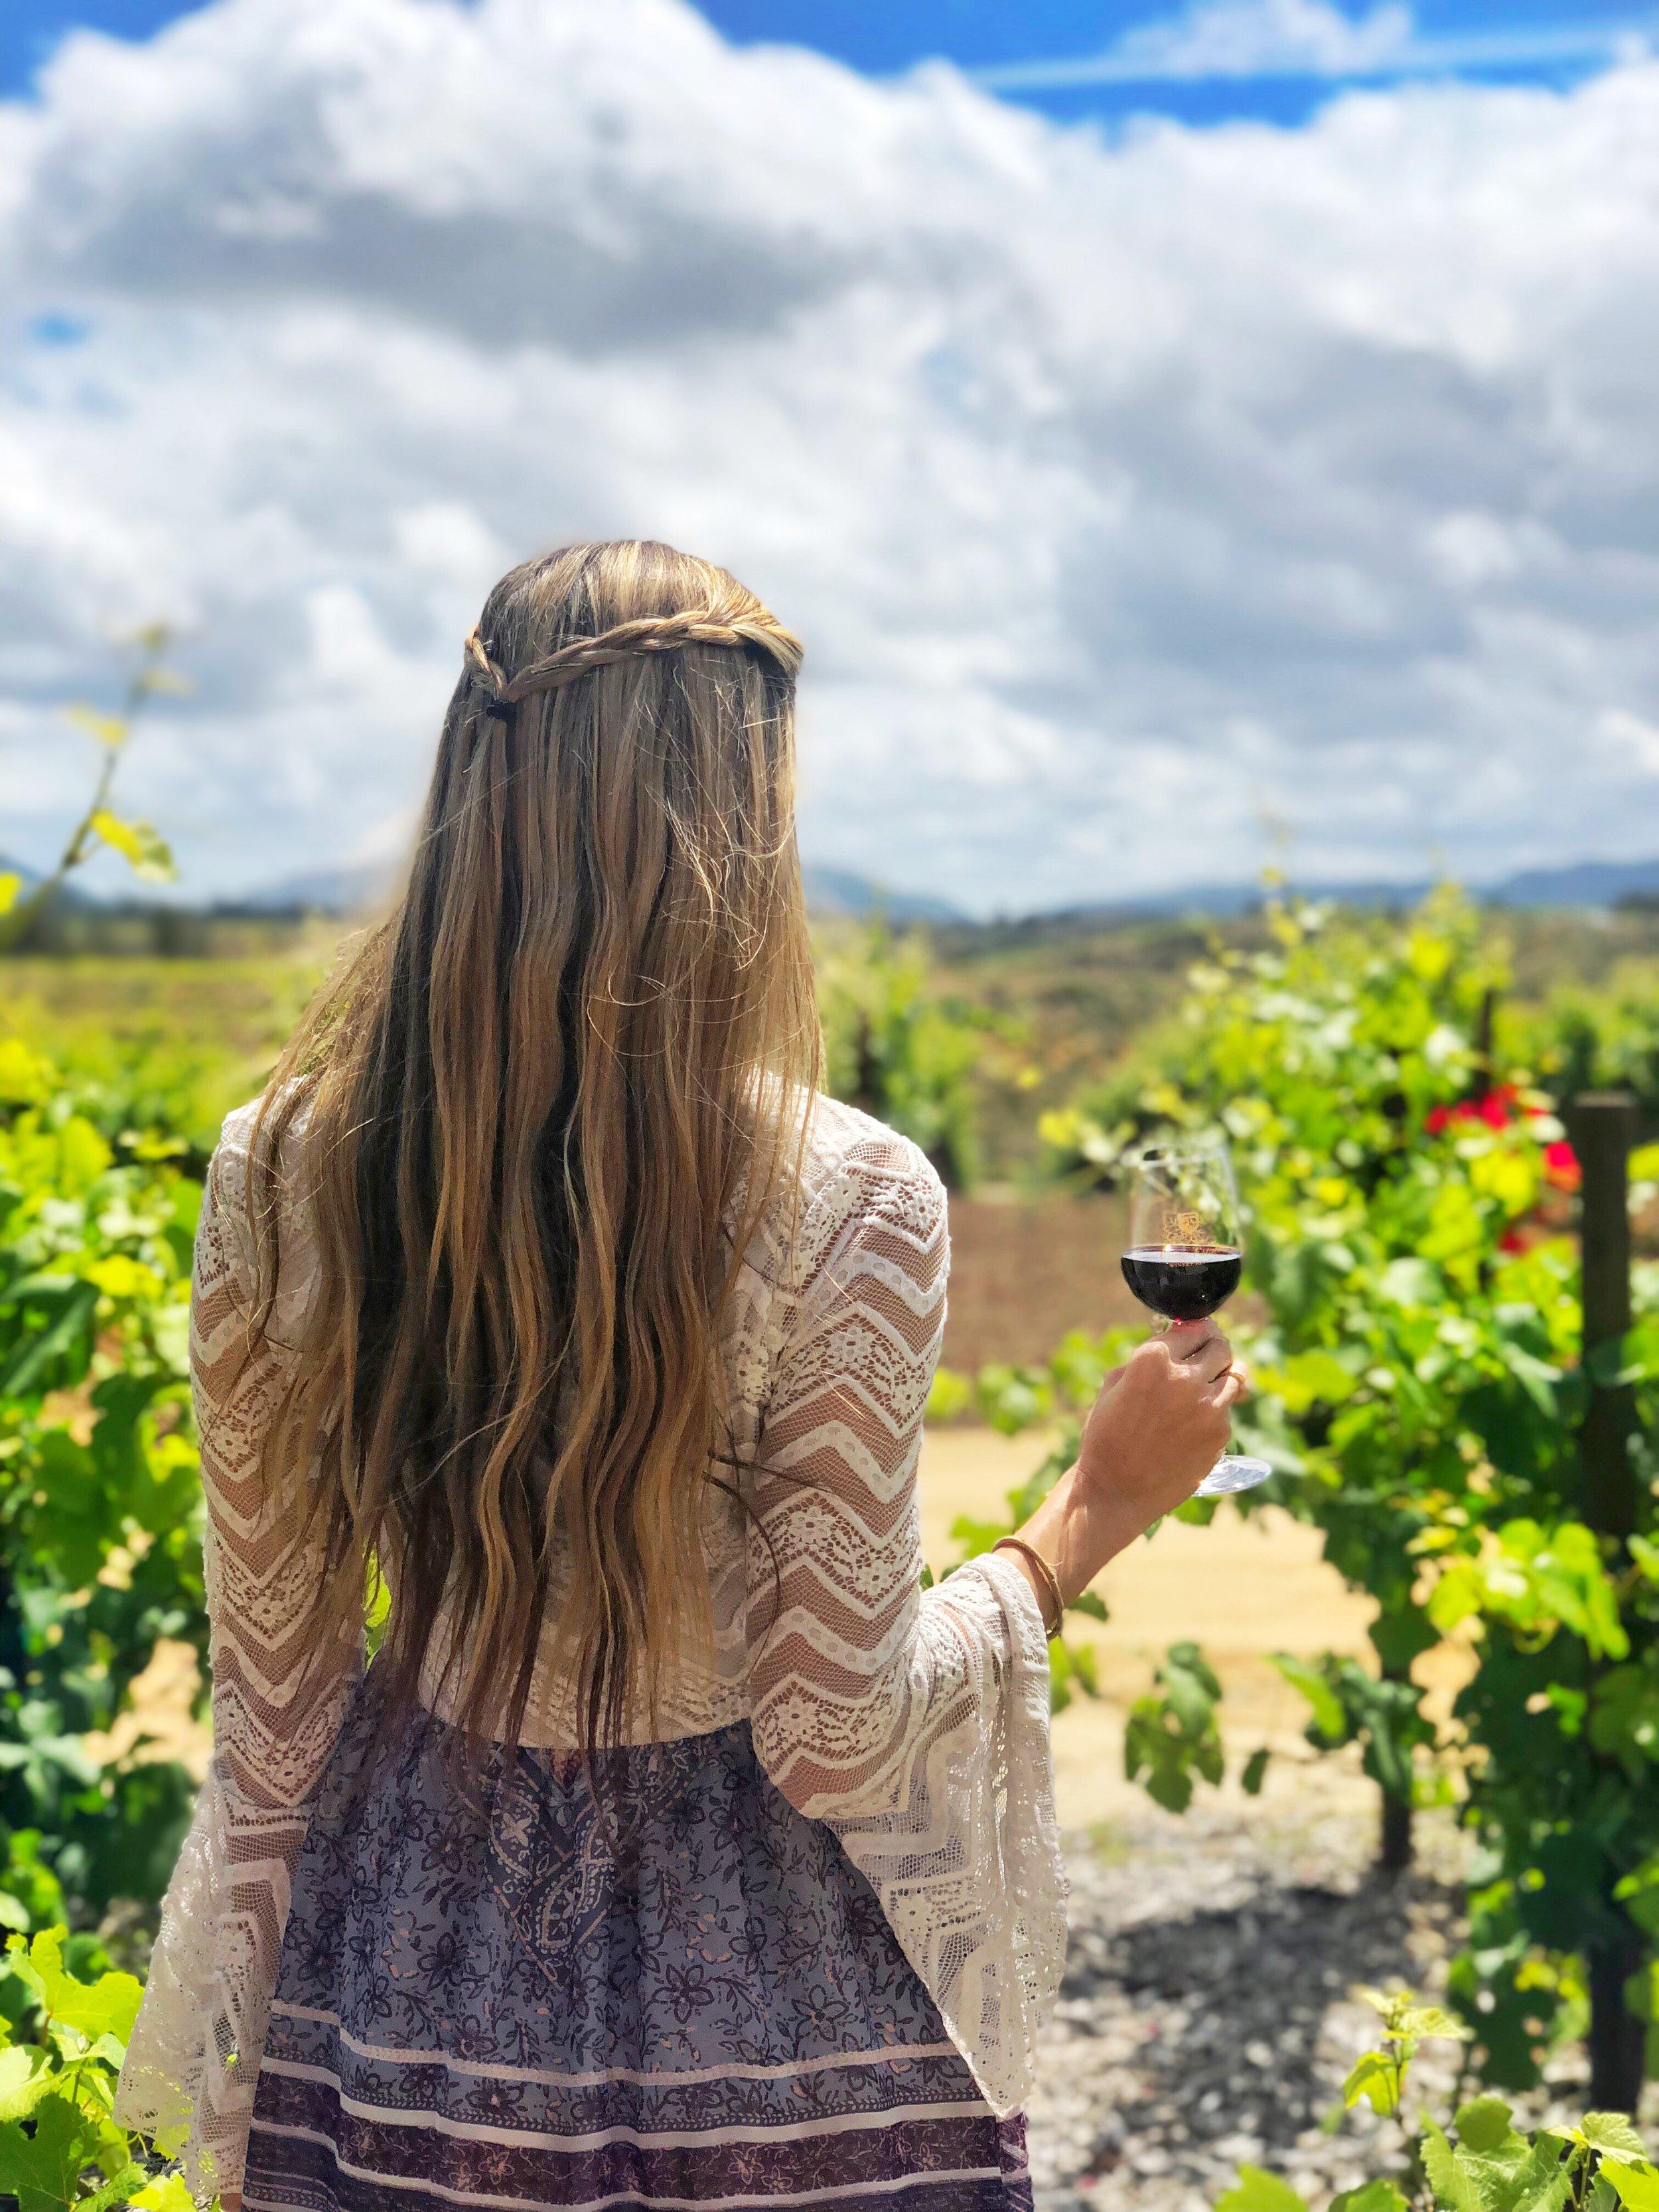 temecula wineries kylan fischer